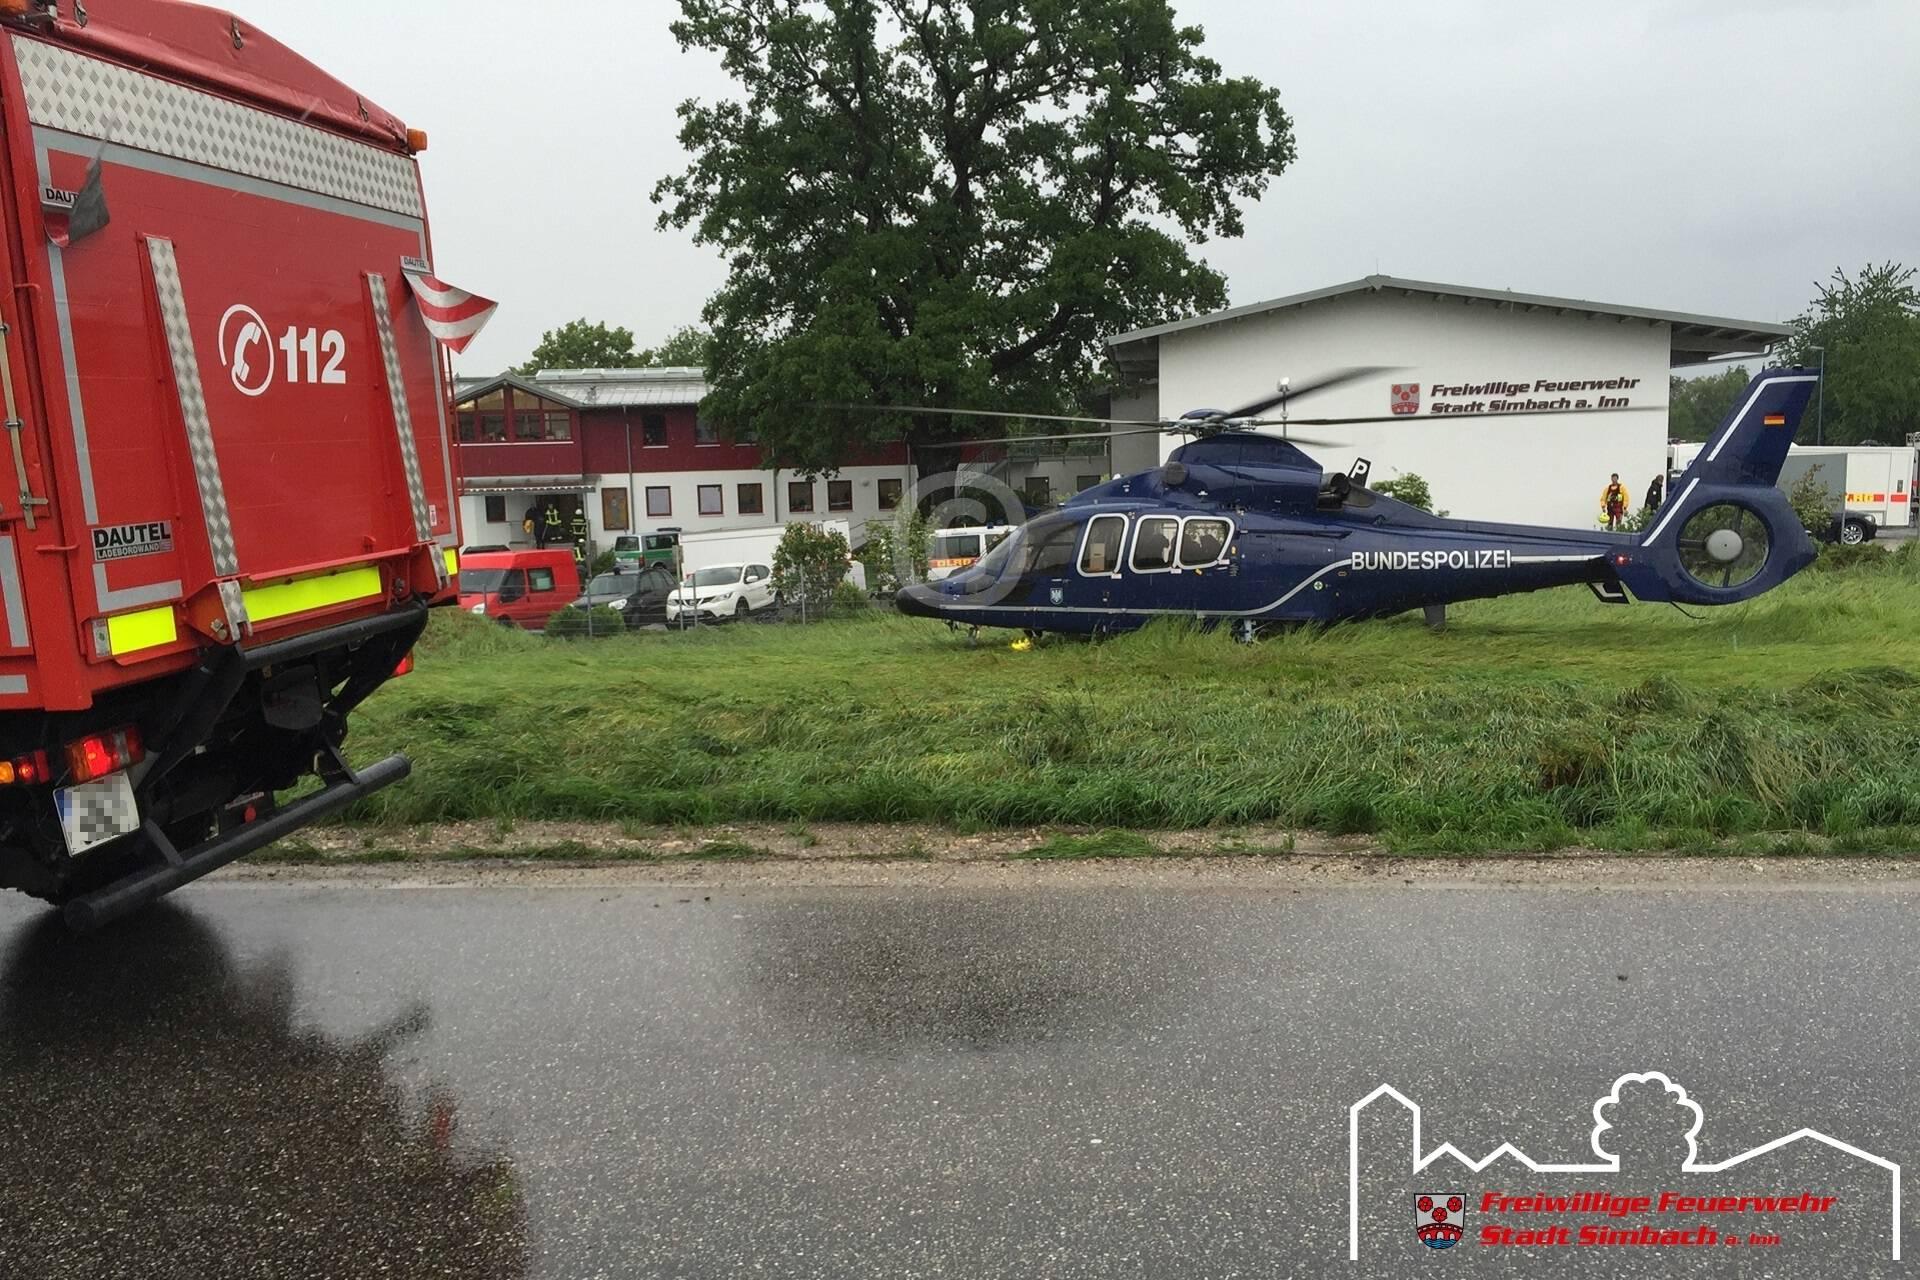 Ein weiterer Hubschrauber bringt die geretteten Personen zum Feuerwehrhaus